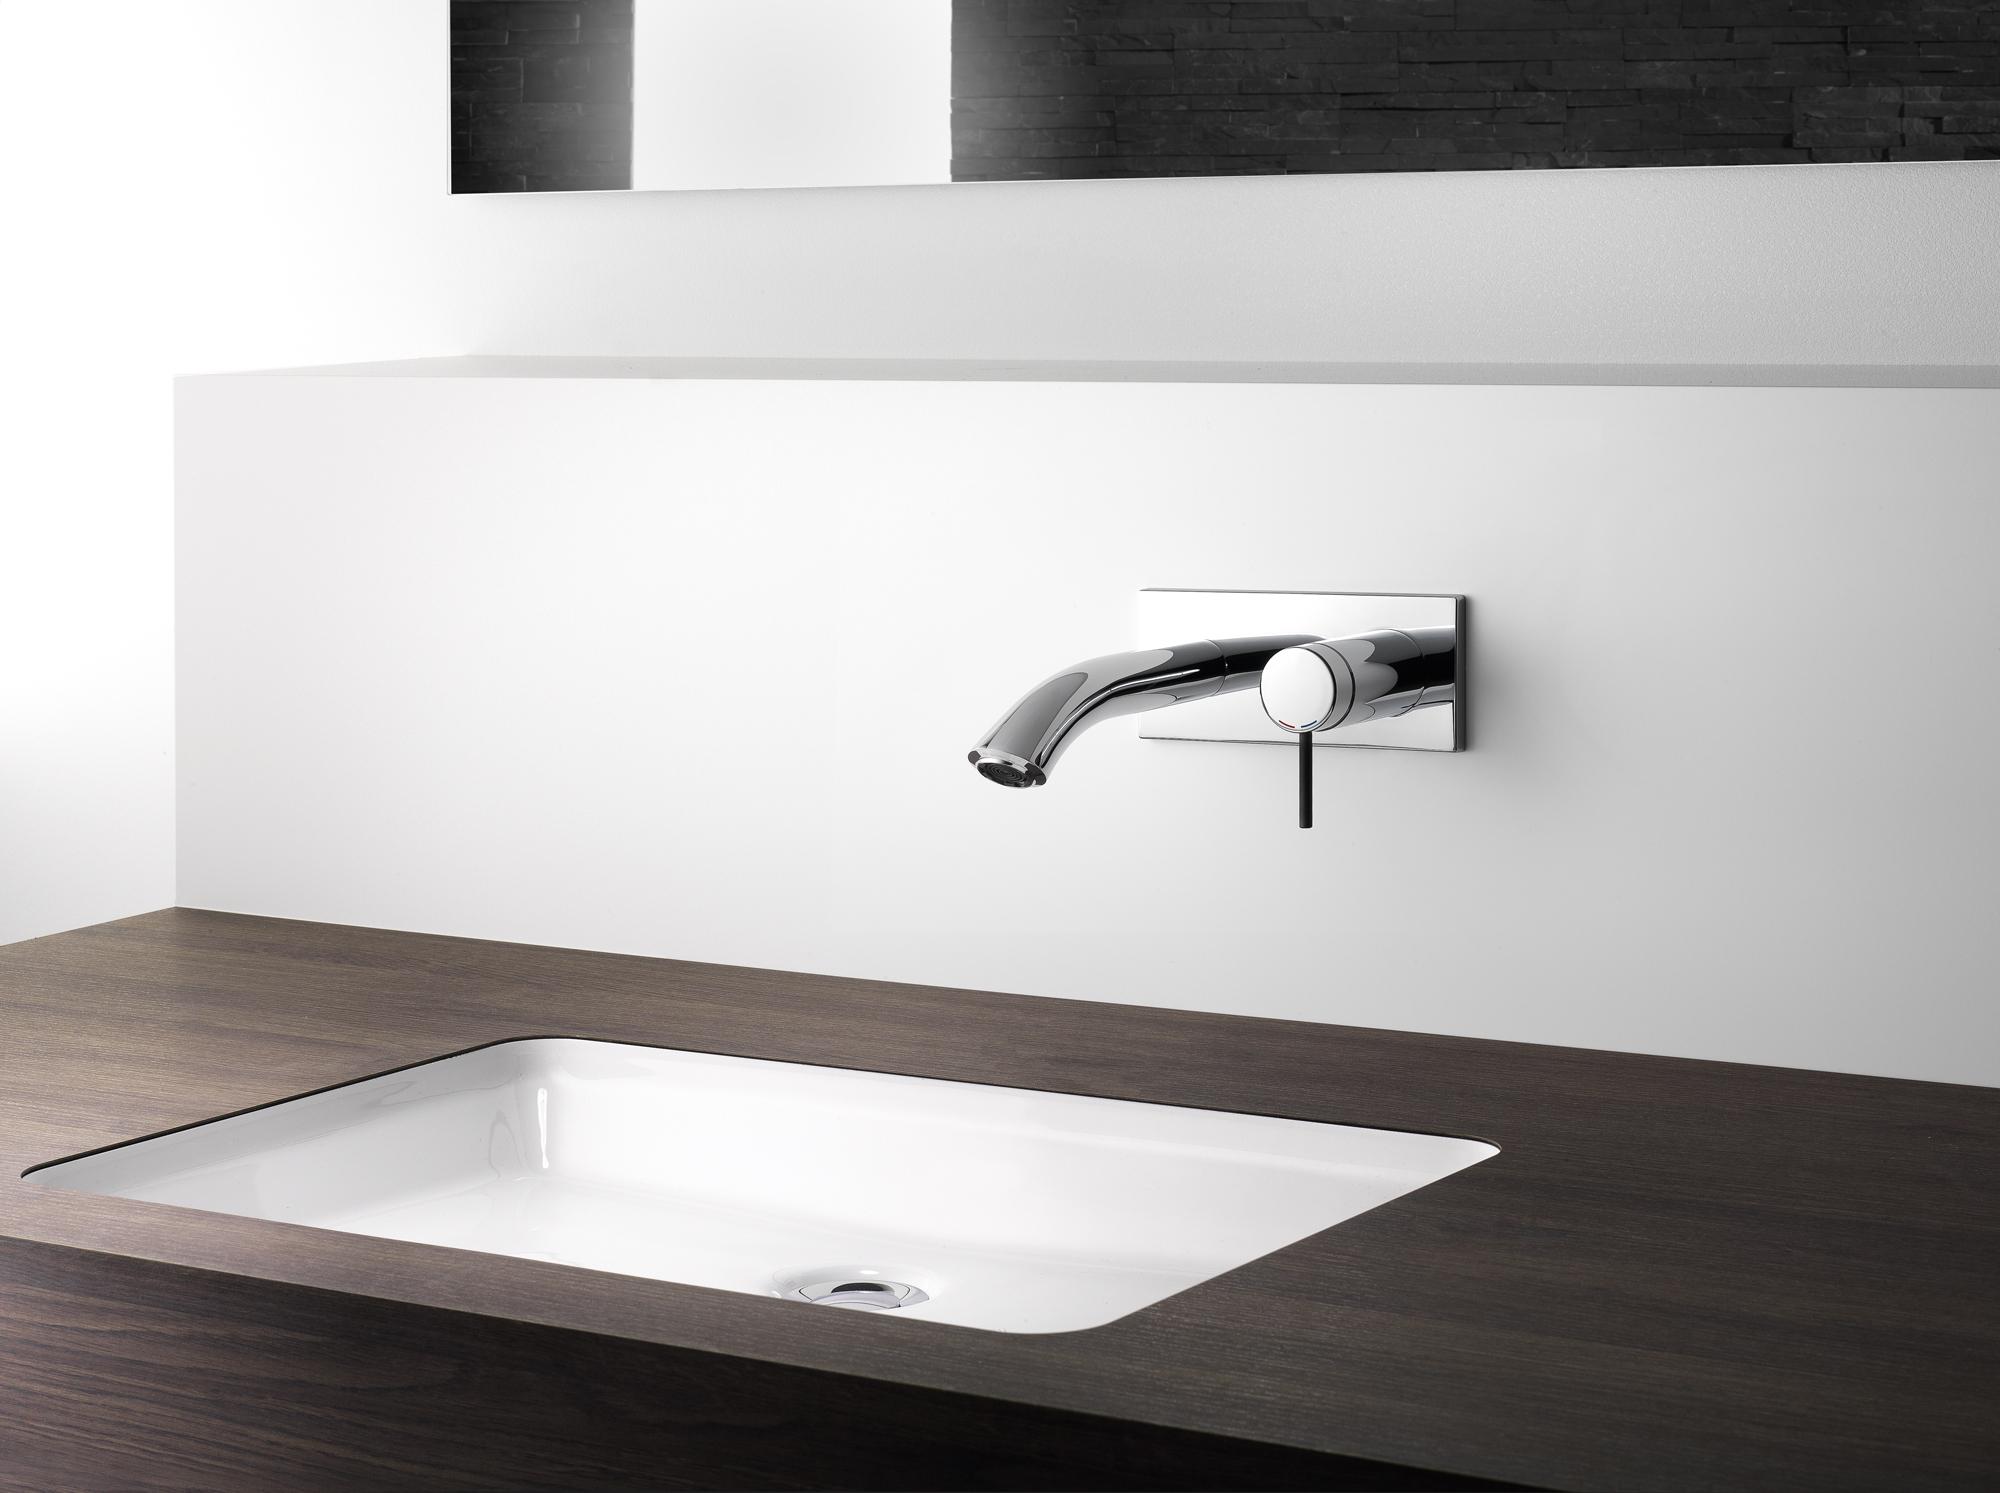 nieuw mengkraandesign vormt opvallend contrast. Black Bedroom Furniture Sets. Home Design Ideas